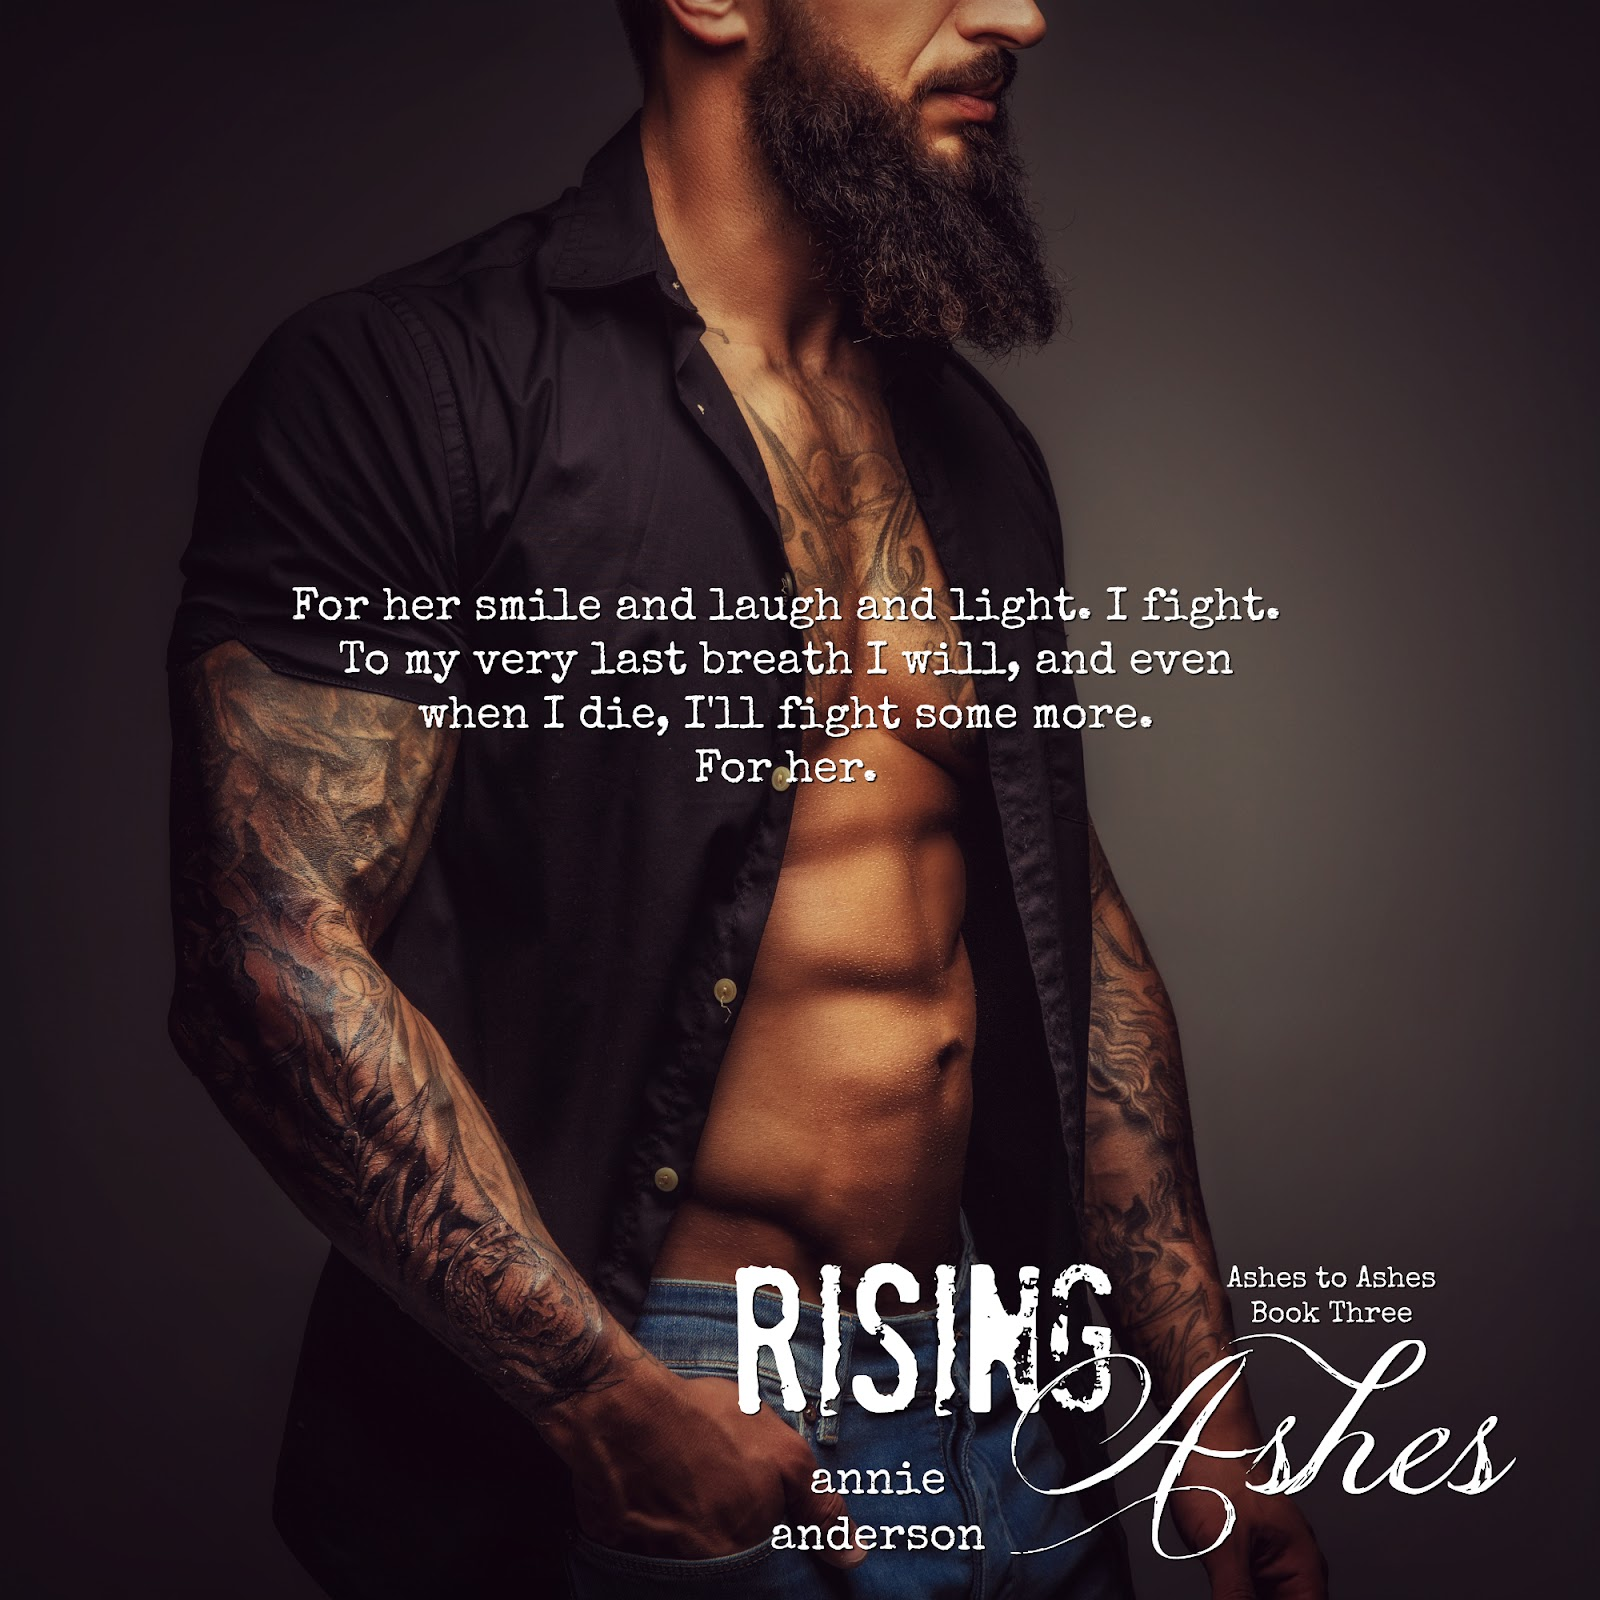 Rising Ashes - Fight Teaser.jpg